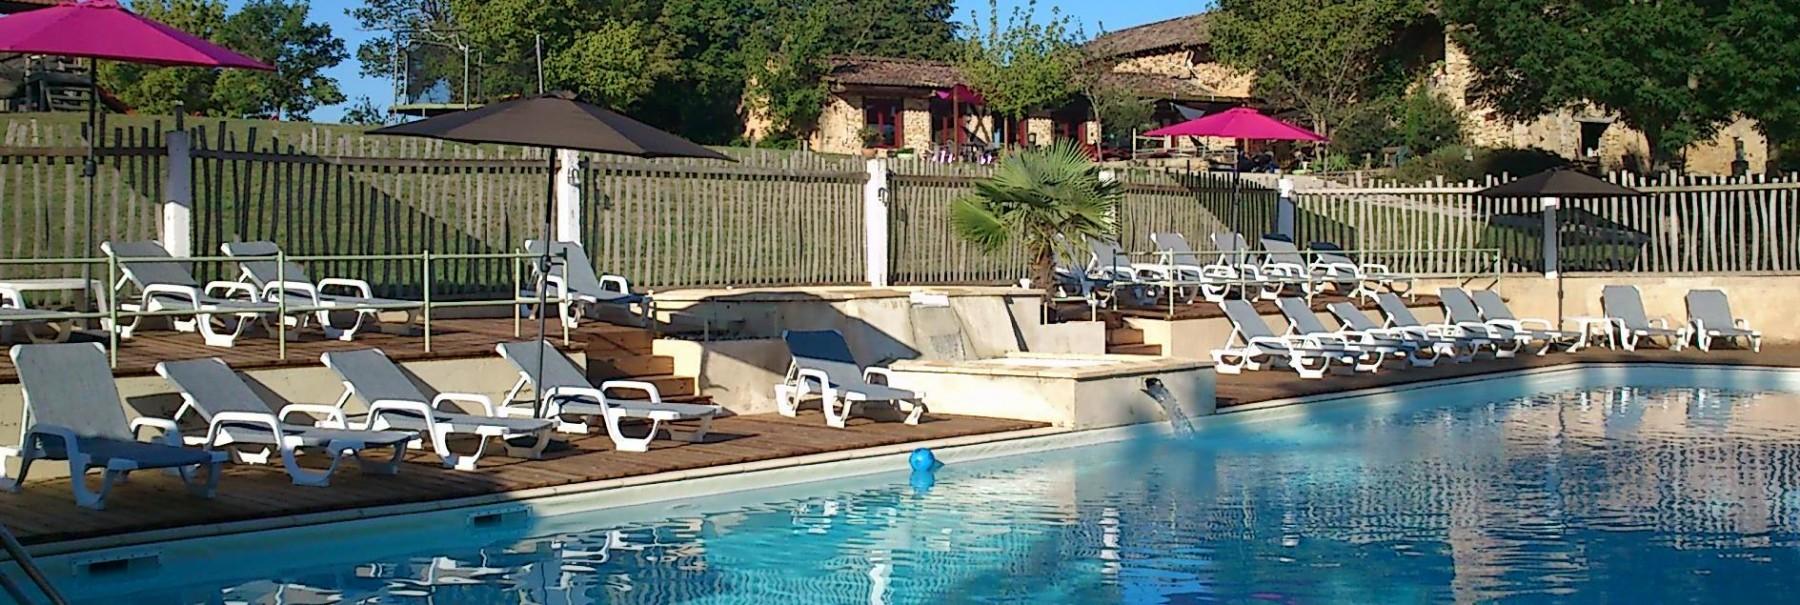 Camping Frankrijk Zuid Dordogne Met Zwembad En Een